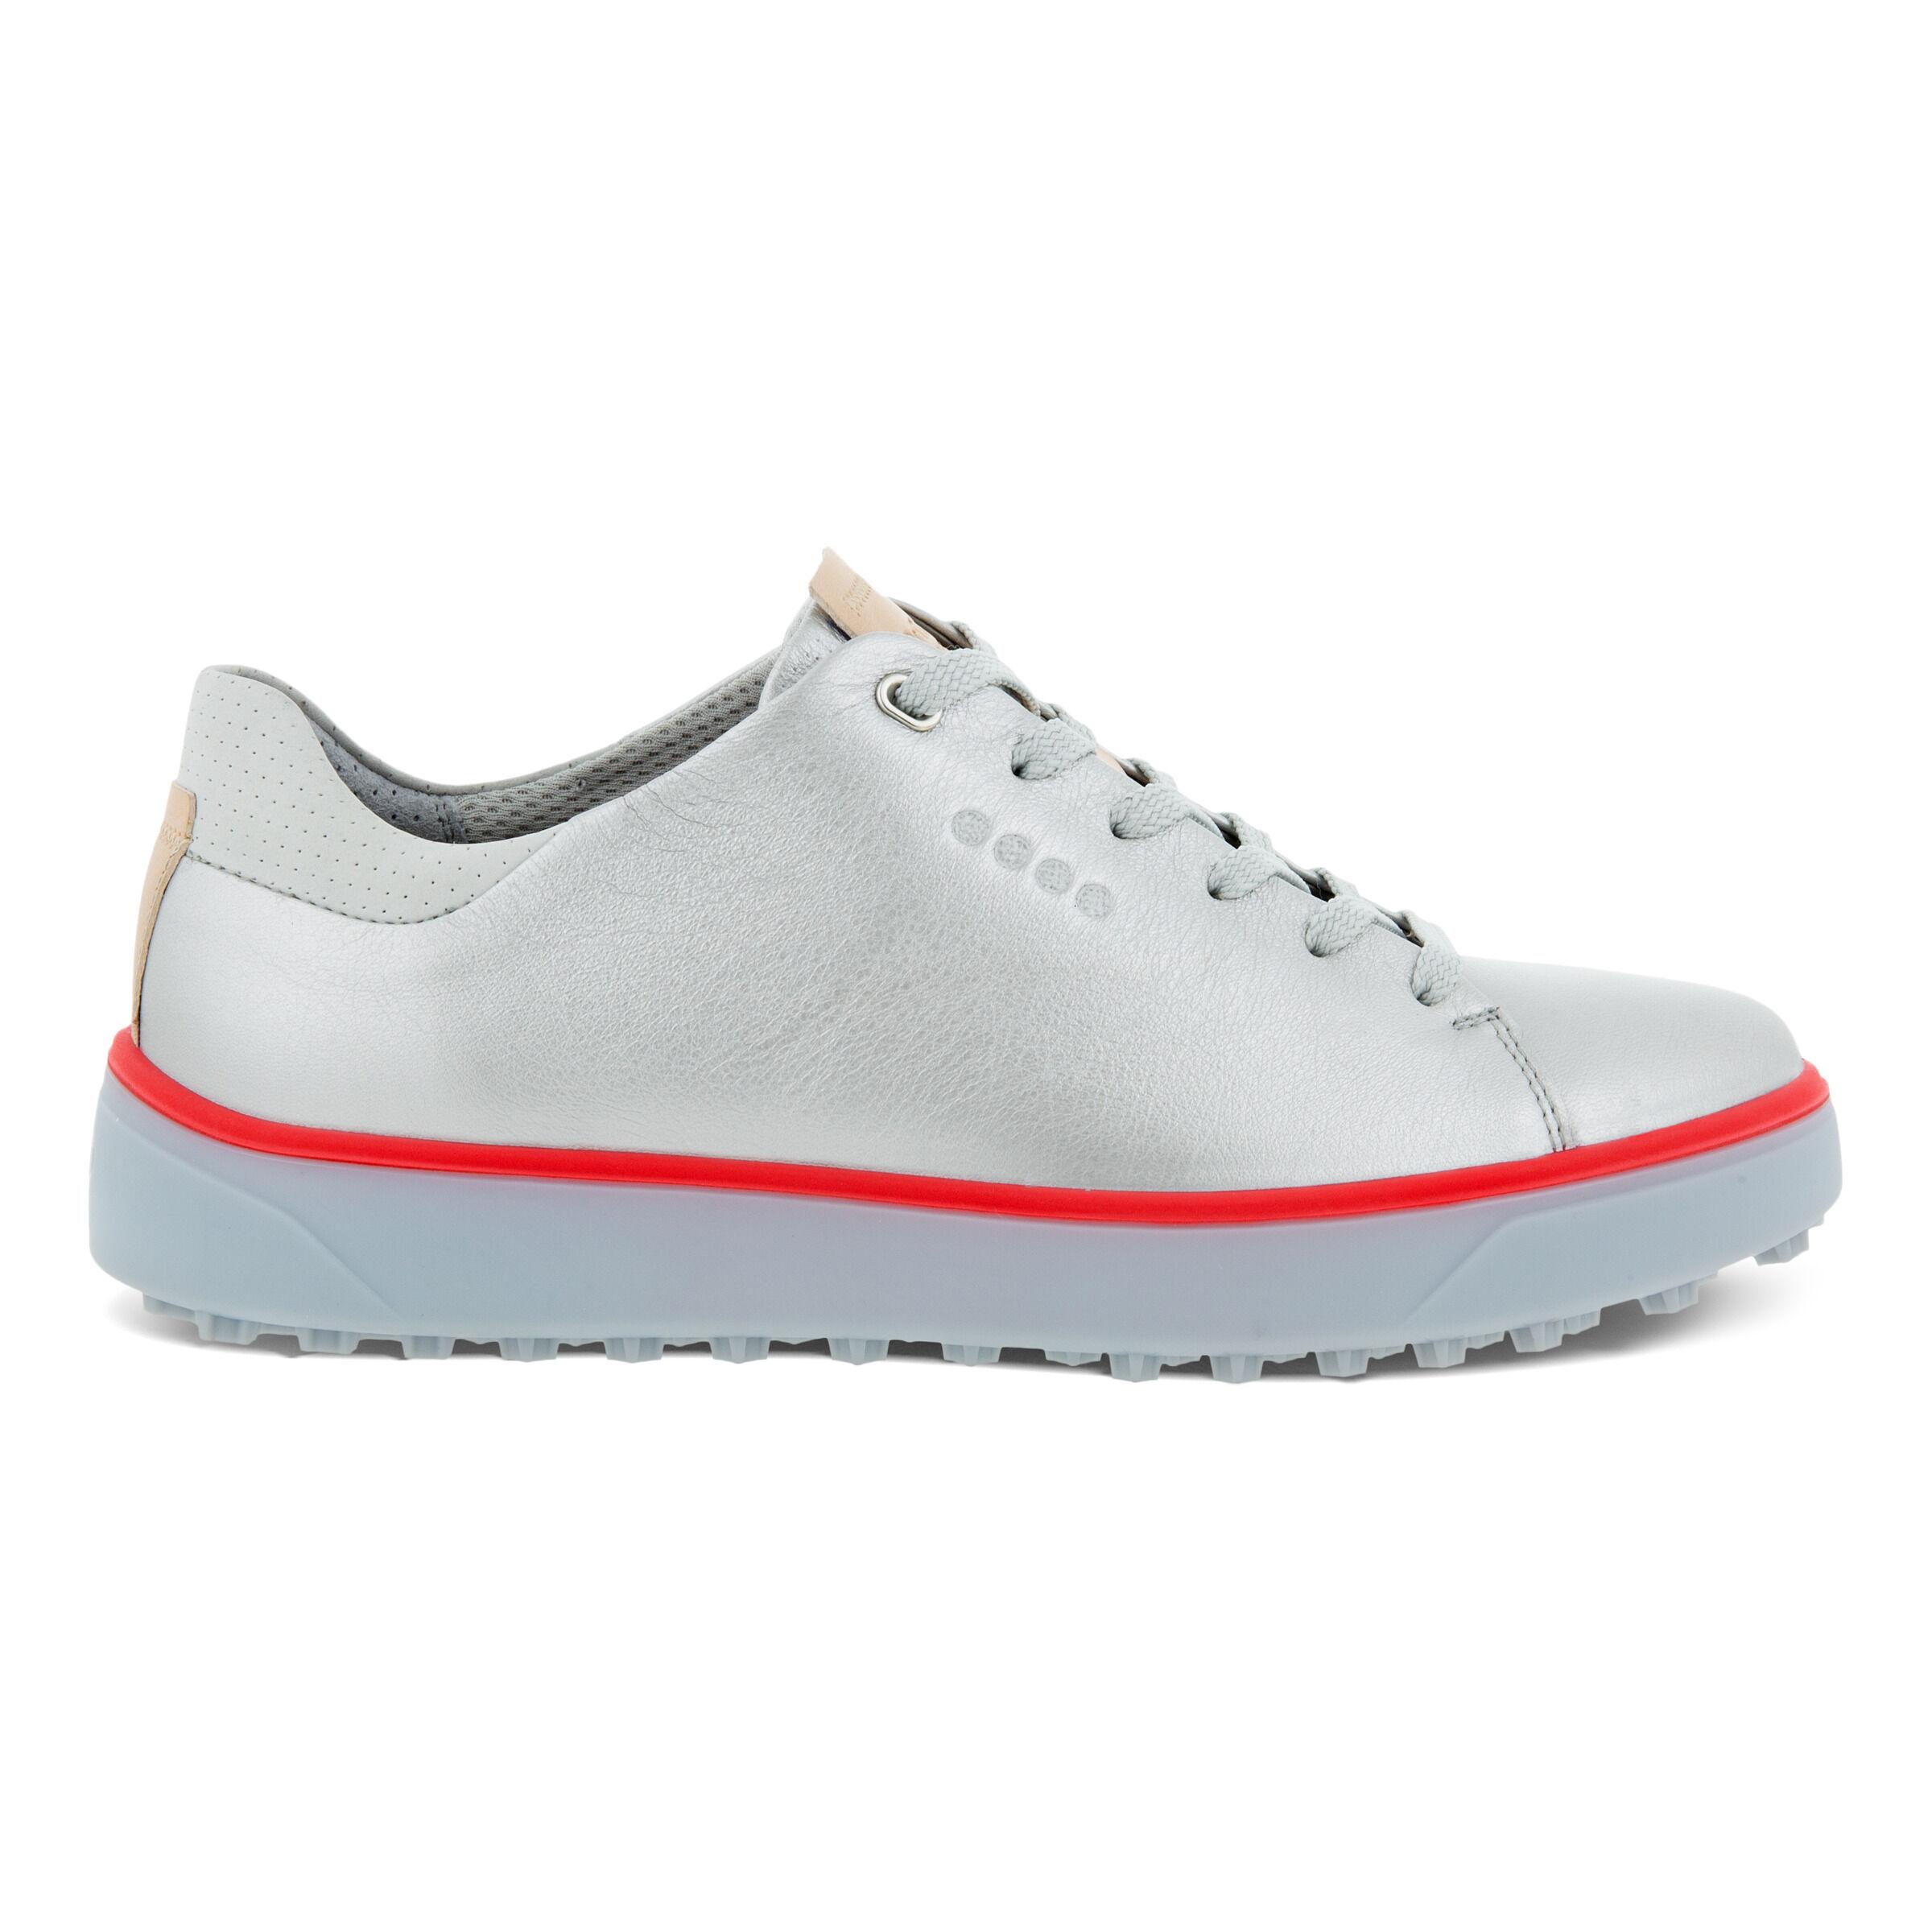 에코 트레이 레이스드 여성 골프화 ECCO Womens GOLF TRAY Laced Shoes,ALUSILVER